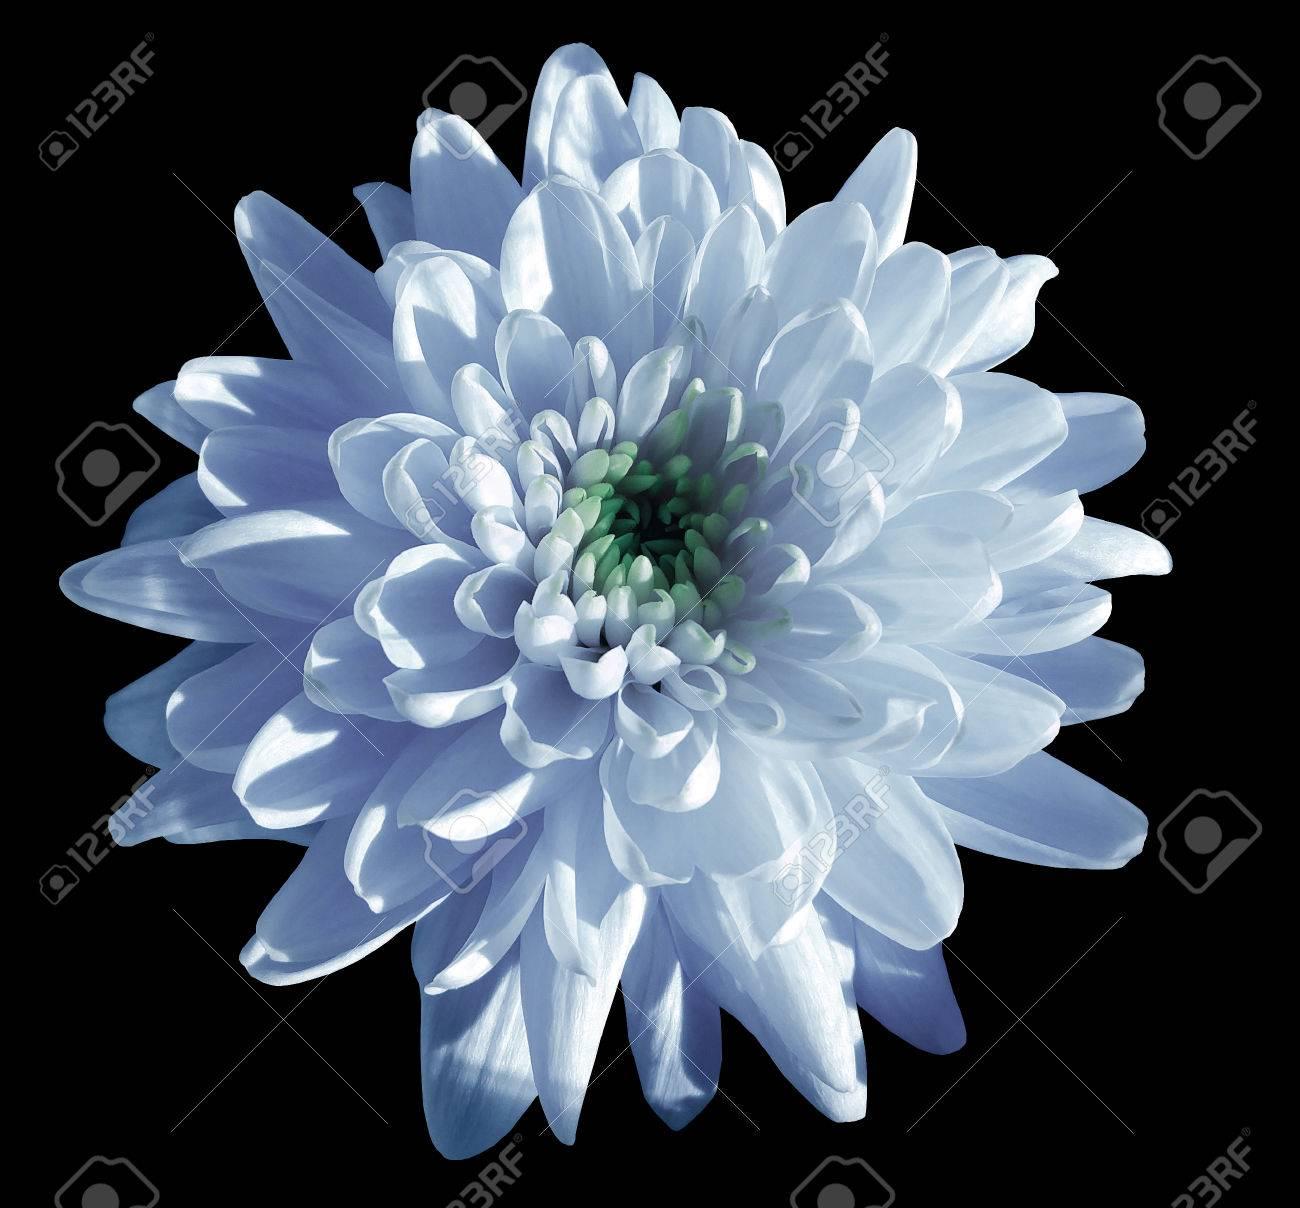 Blue White Flower Chrysanthemum Garden Flower Black Isolated